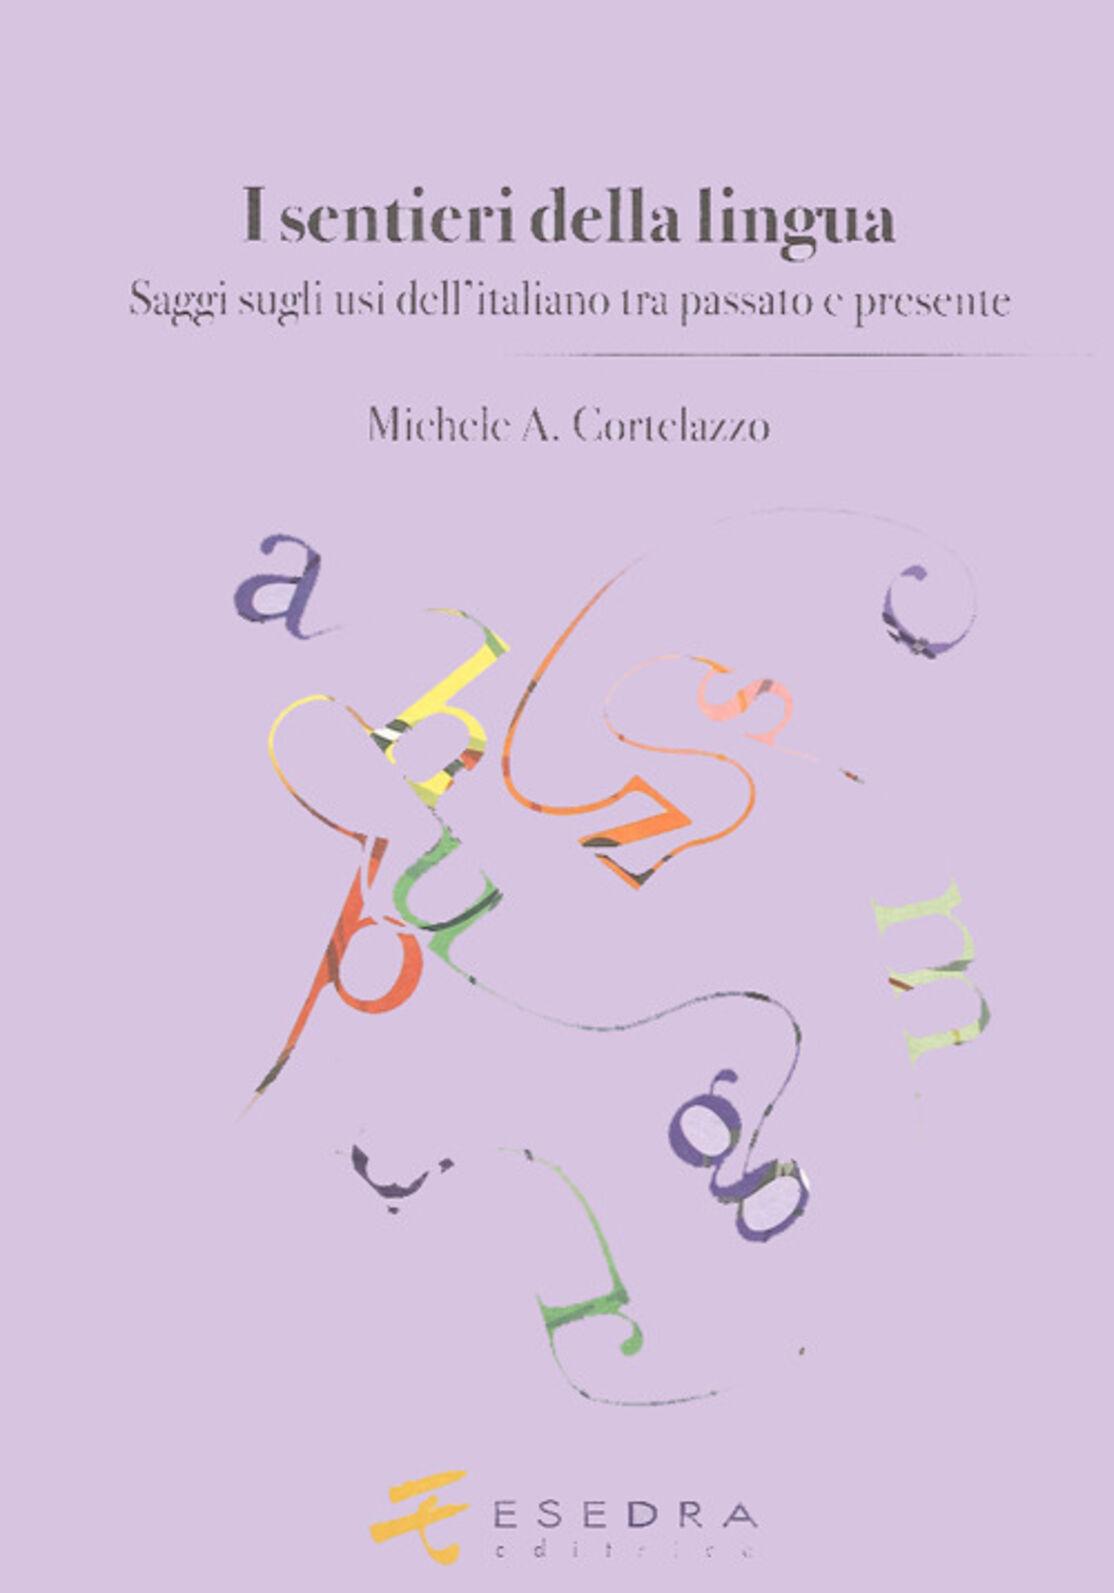 I sentieri della lingua. (Saggi sugli usi dell'italiano tra passato e presente)